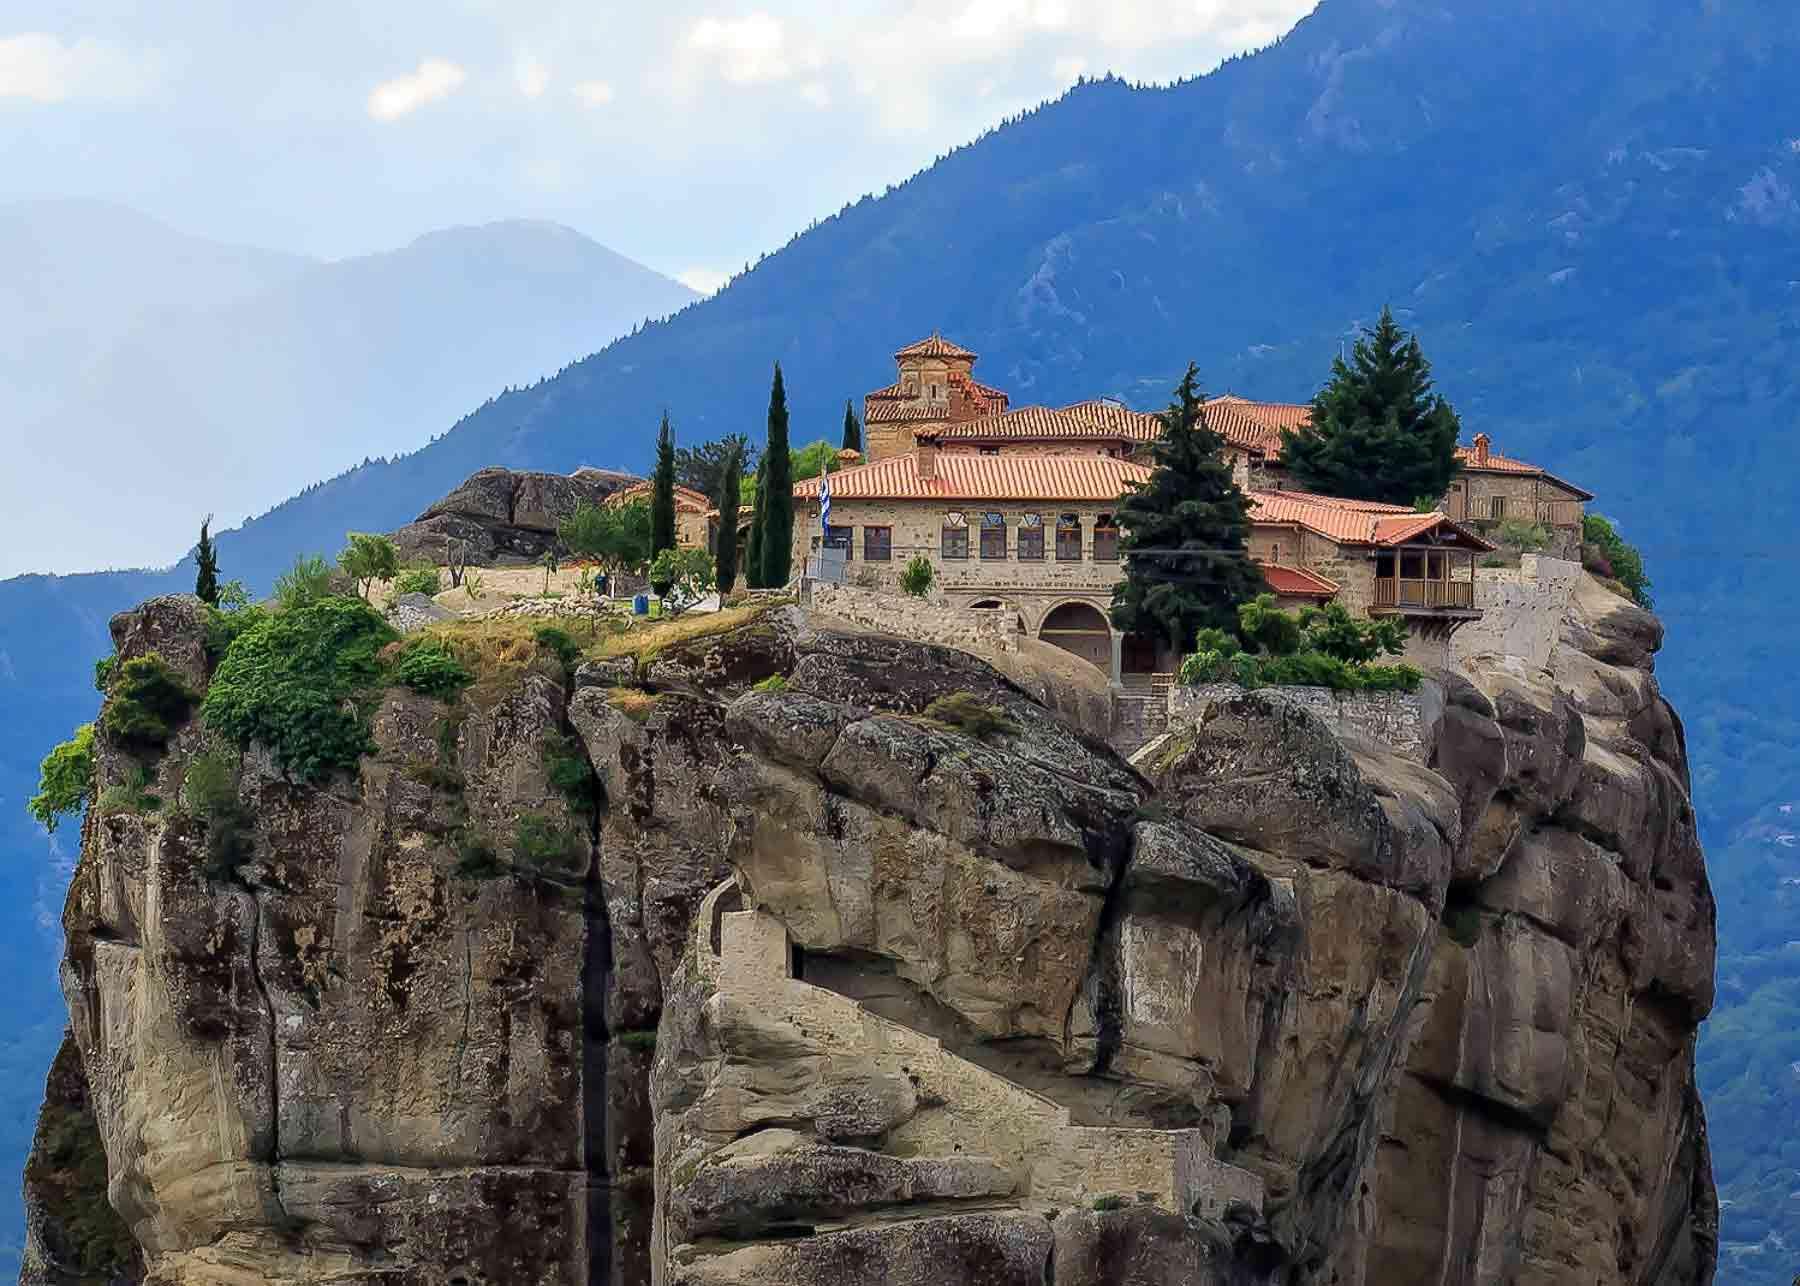 Вблизи города Каламбака расположились горные скалы, возвышающиеся вертикально вверх. На их вершинах есть плато с небольшими монастырями, построенными монахами в 14 веке.